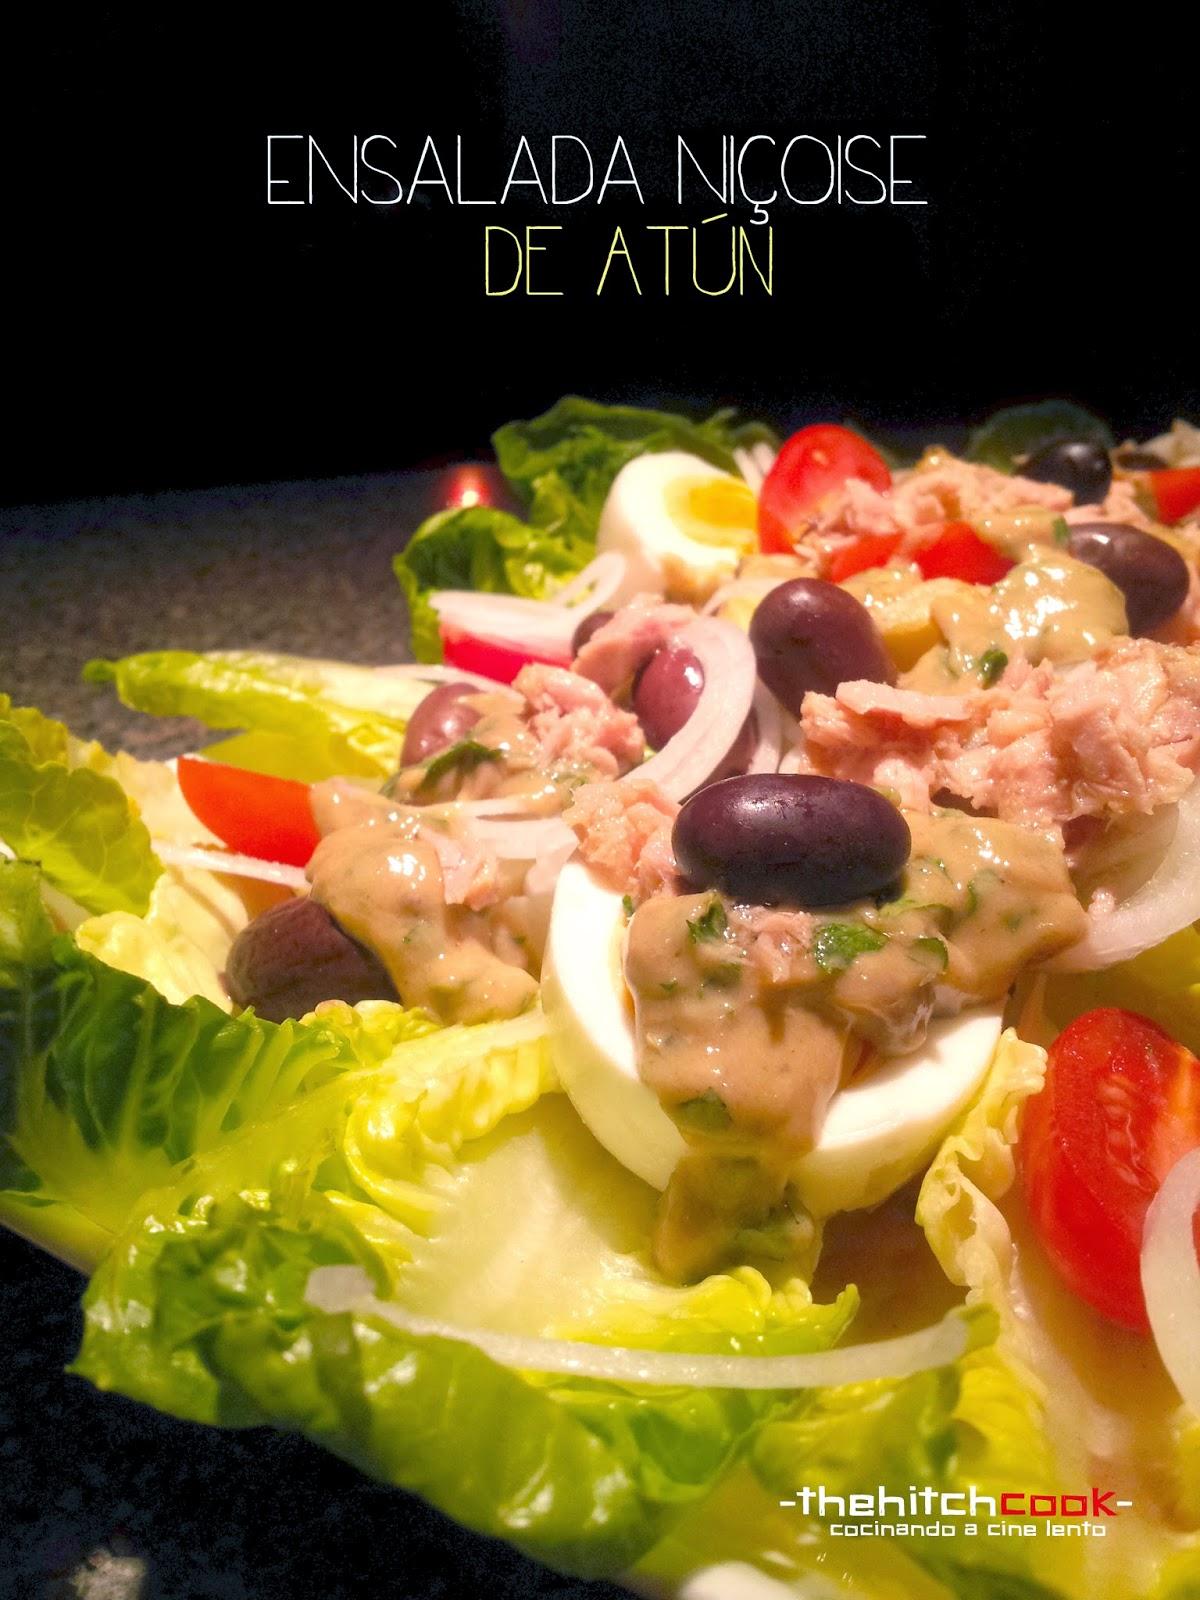 ensalada niçoise de atún afrancesados para ensaladas originales selección de recetas